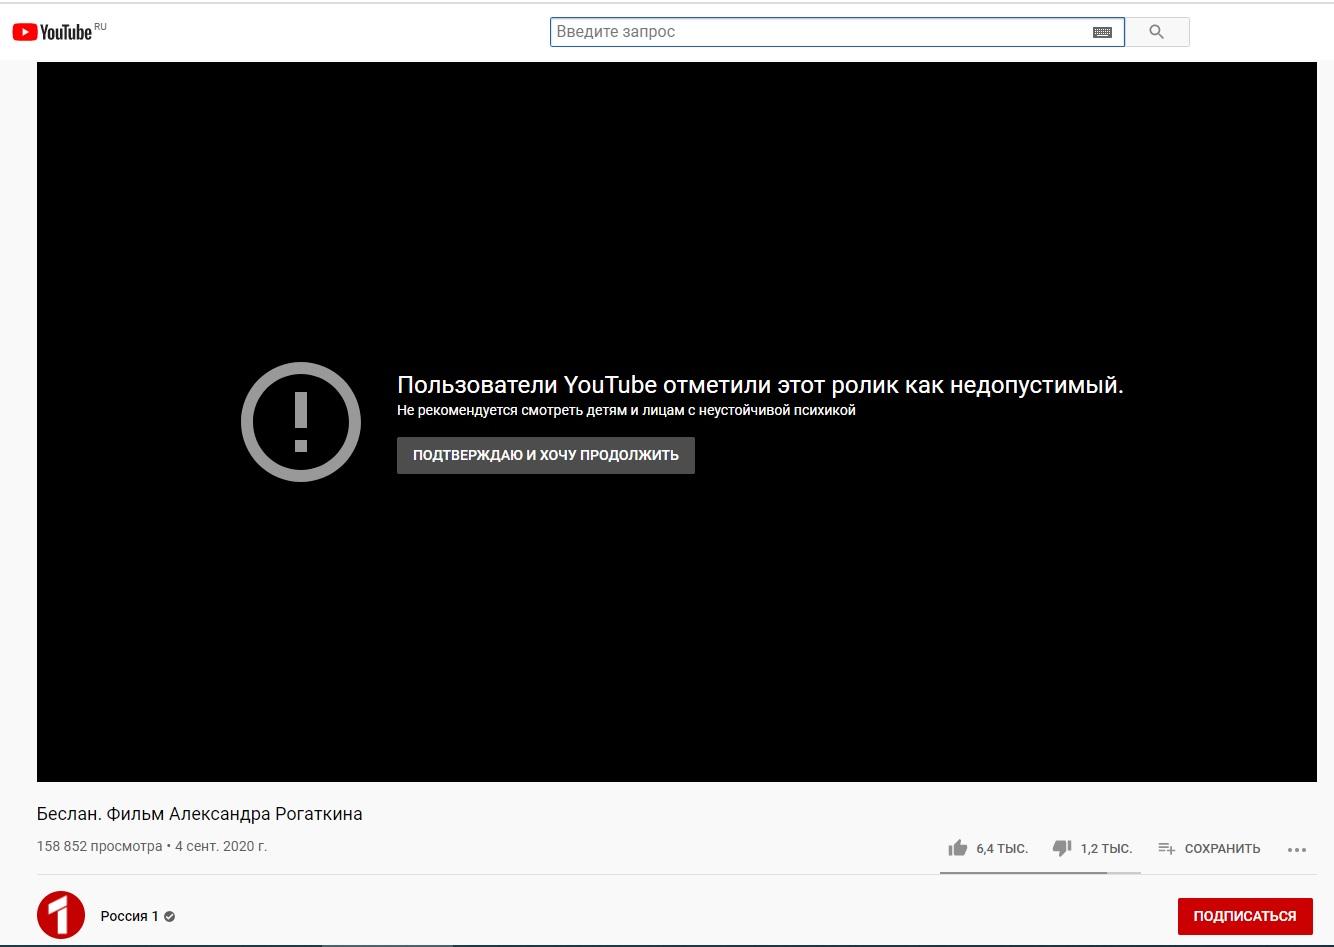 В интернете идёт открытая война против России